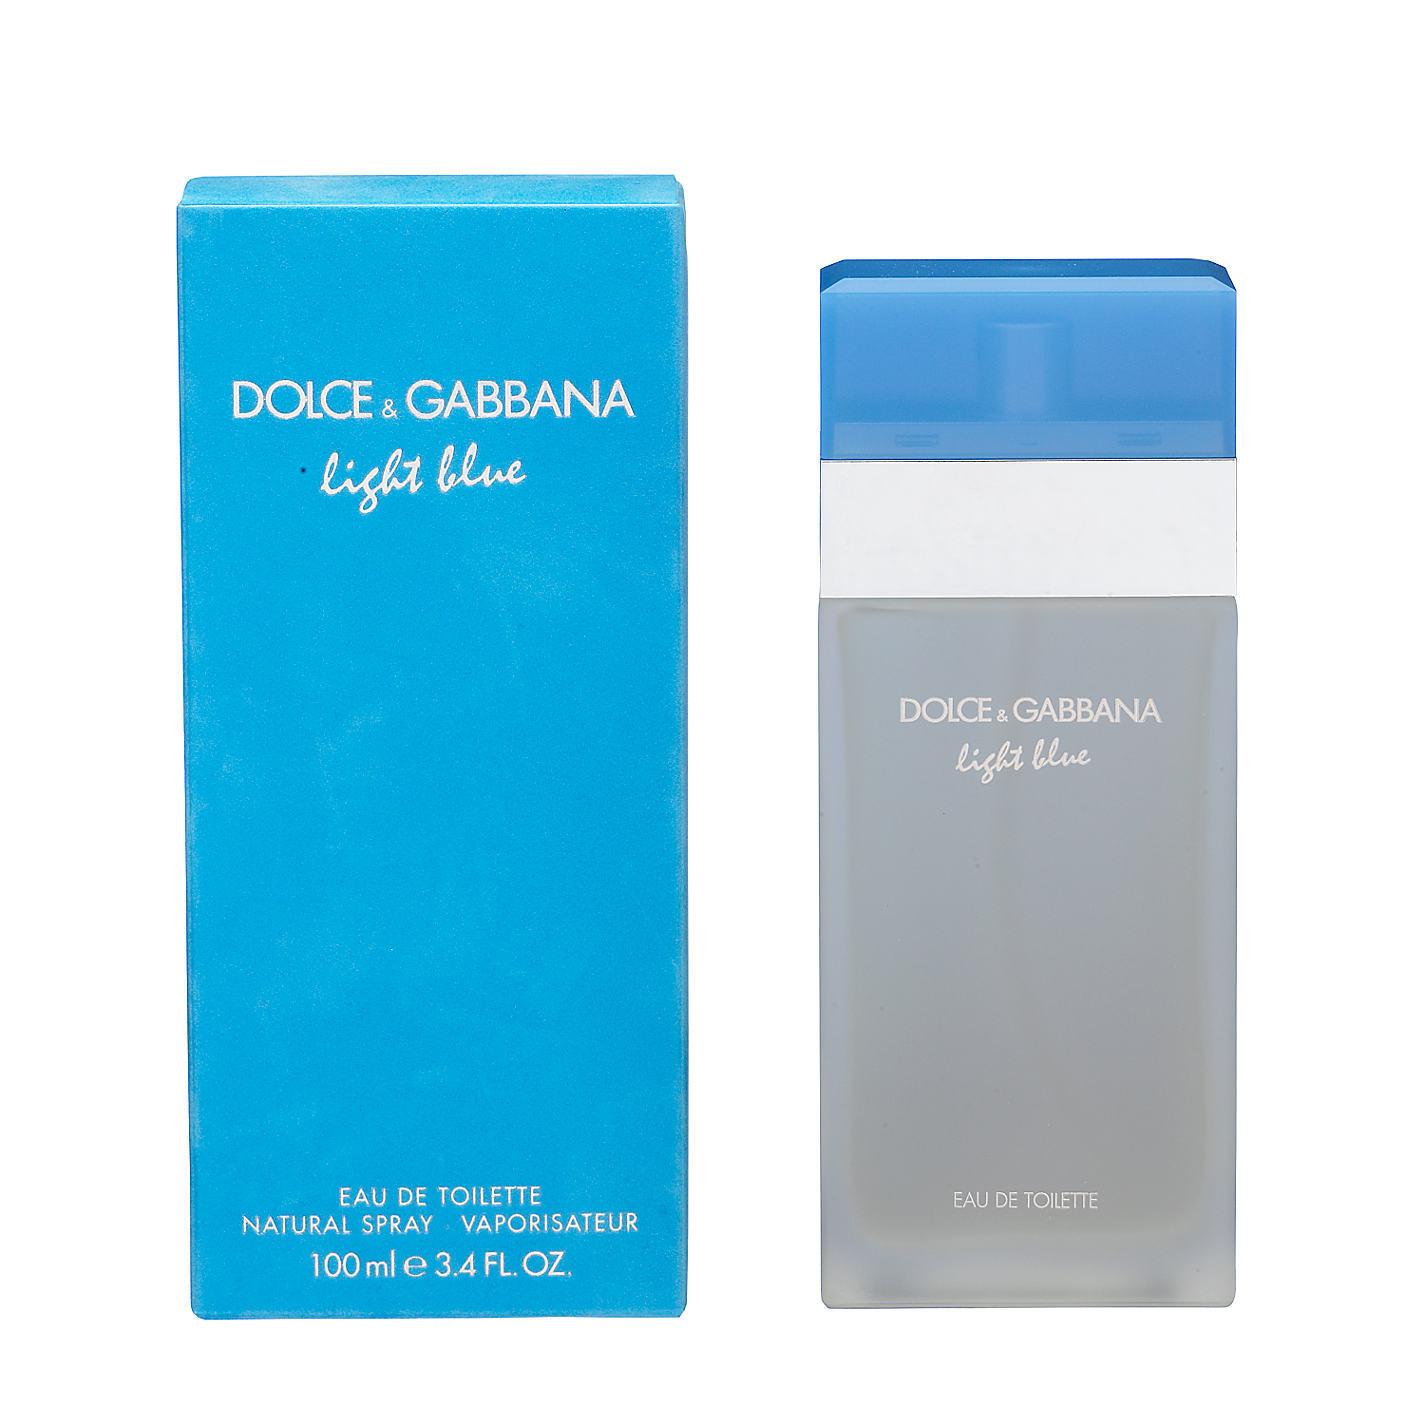 Dolce Amp Gabbana Light Blue Eau De Toilette Reviews In